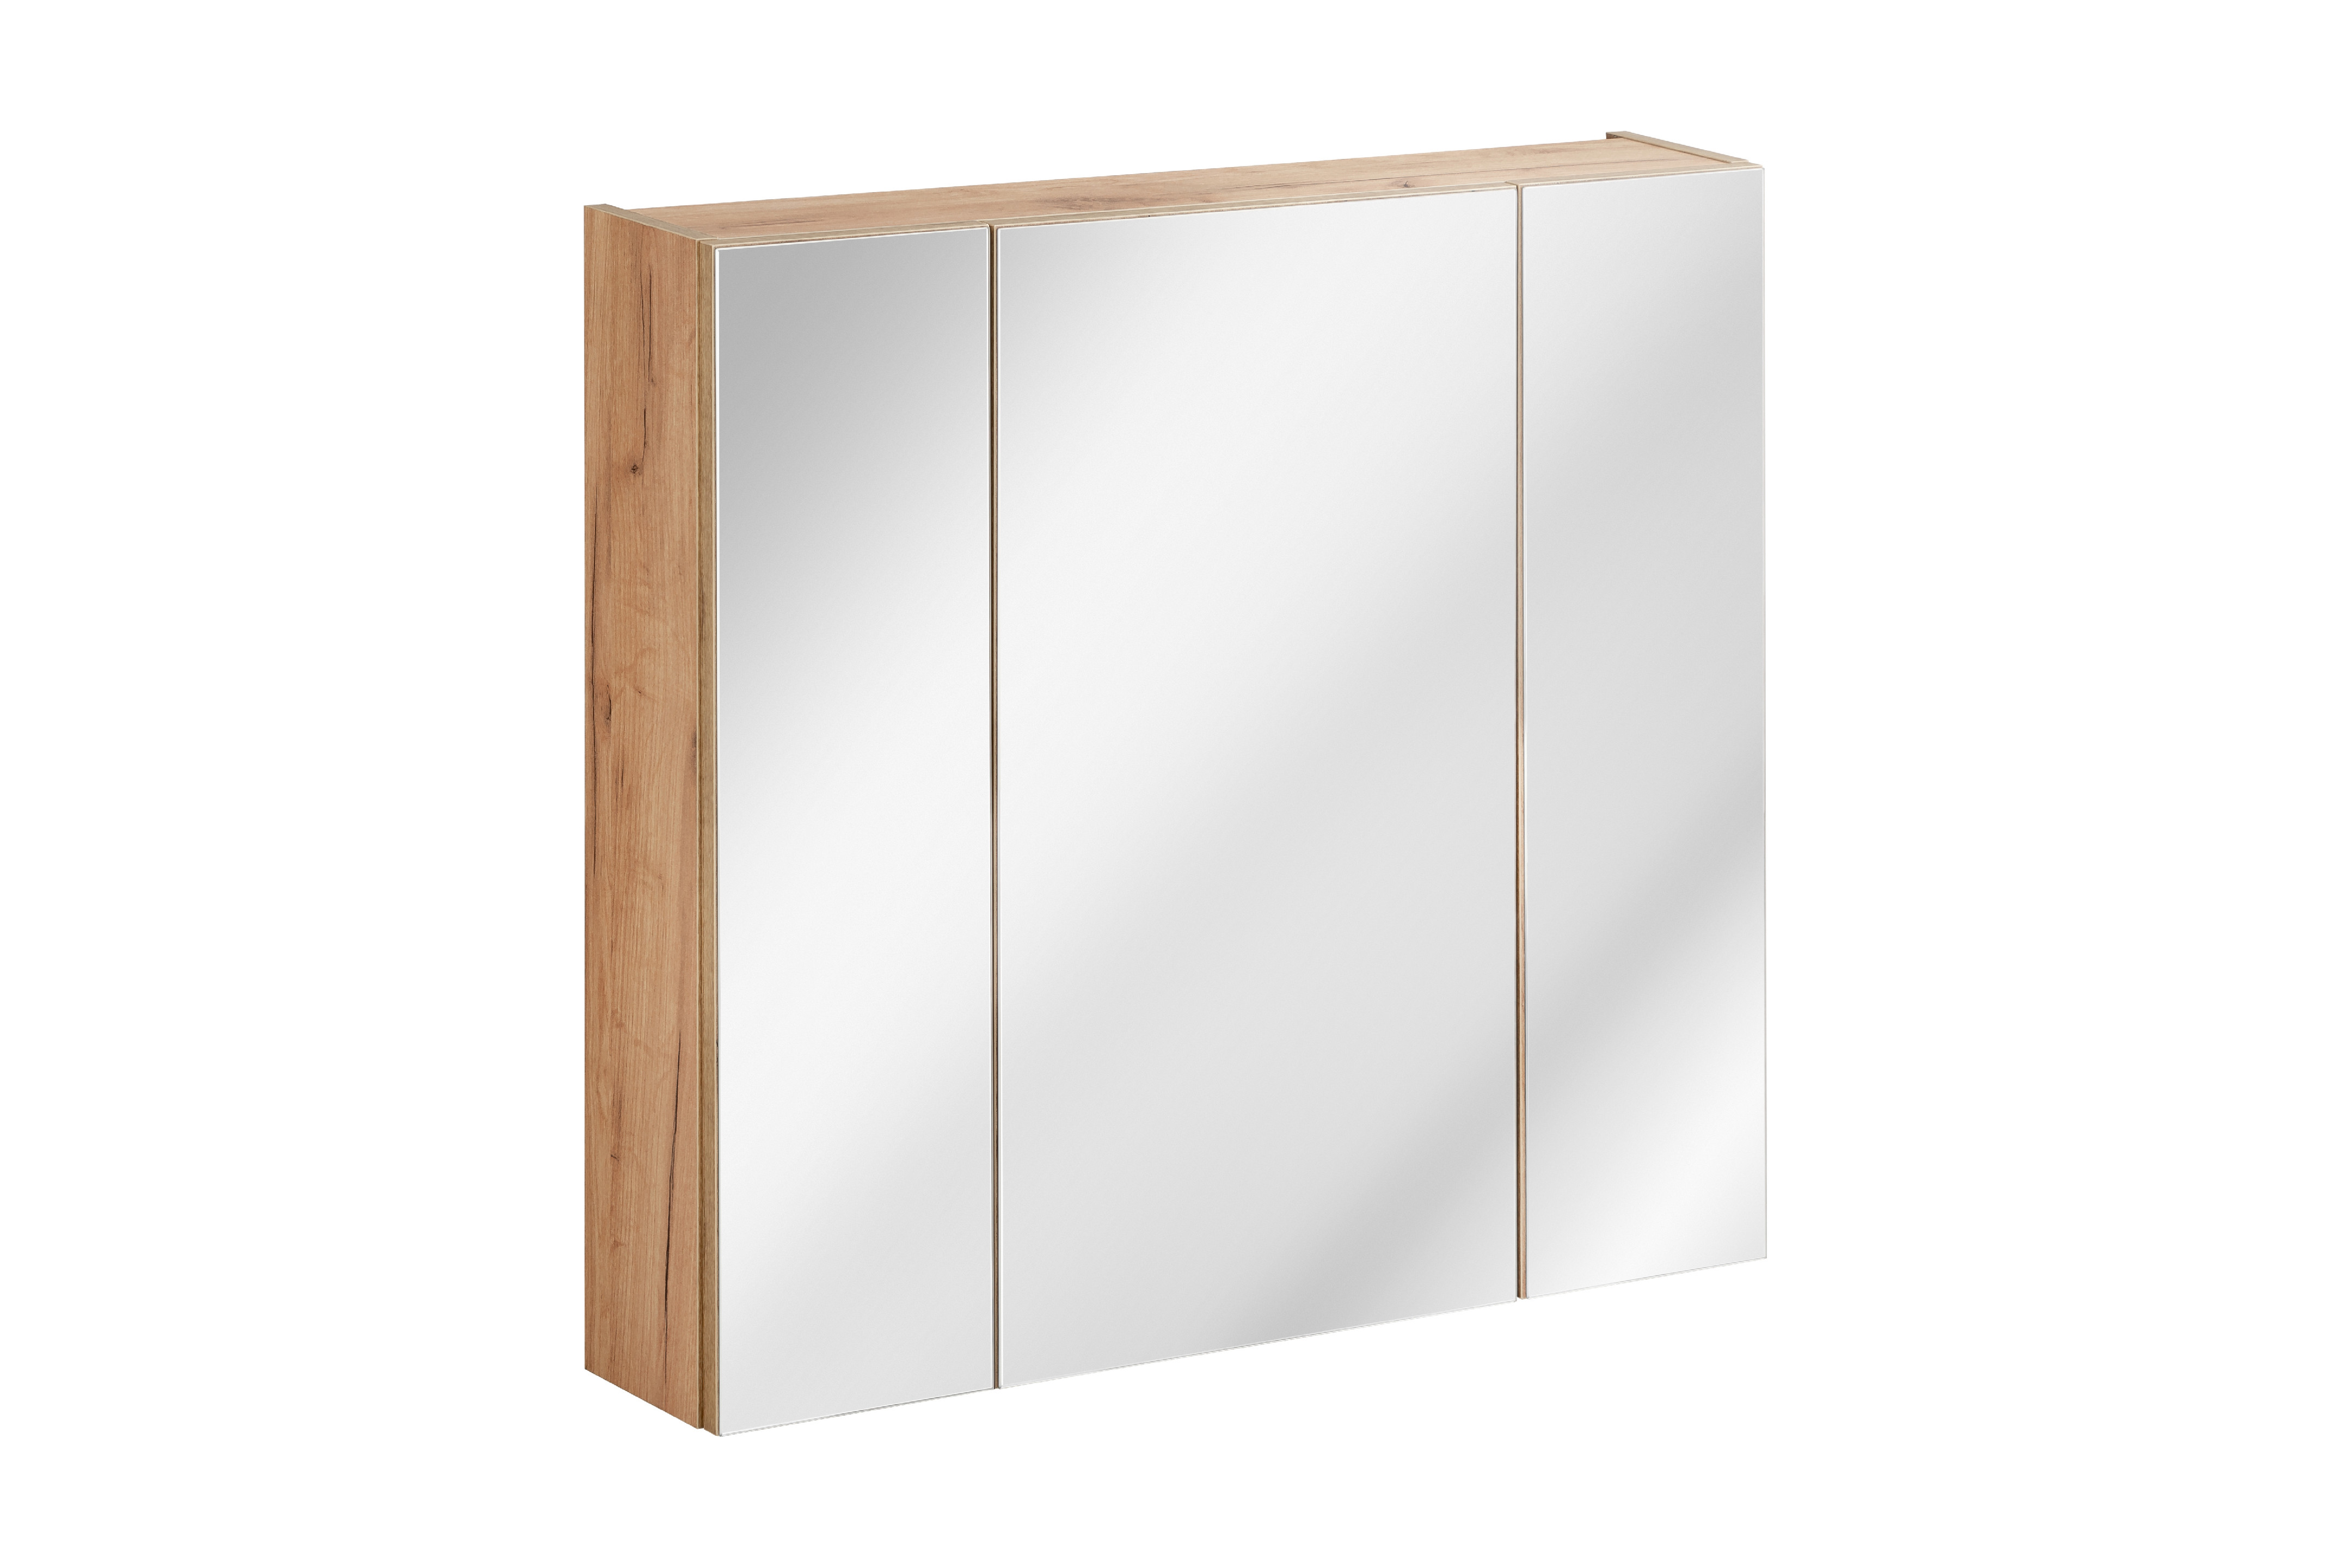 ArtCom Kúpeľňová zostava Capri Cosmos | čierny mat Capri | dub zlatý: Horná zrkadlová skrinka 843 - 80 cm